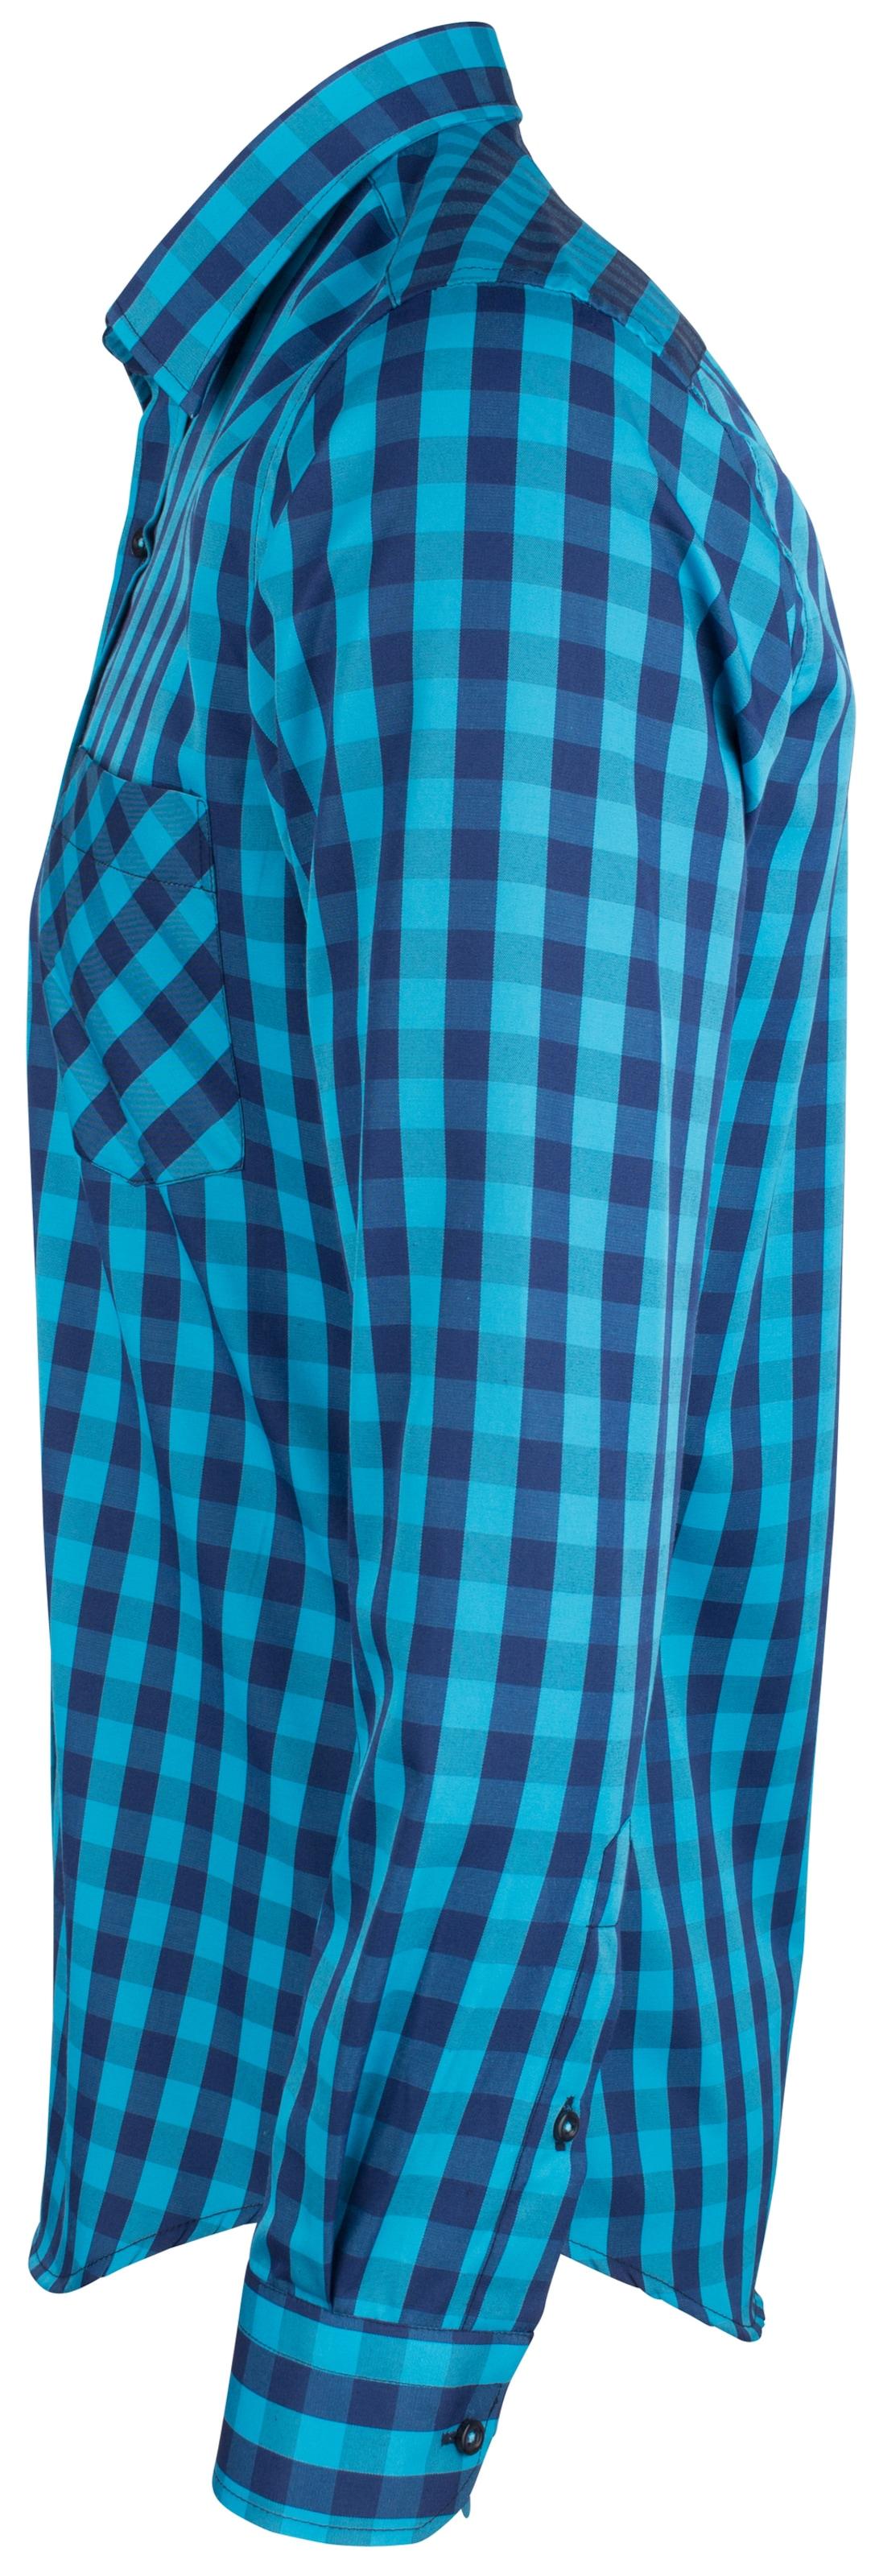 BleuTurquoise En Chemise Homebase Chemise Homebase deCBxo